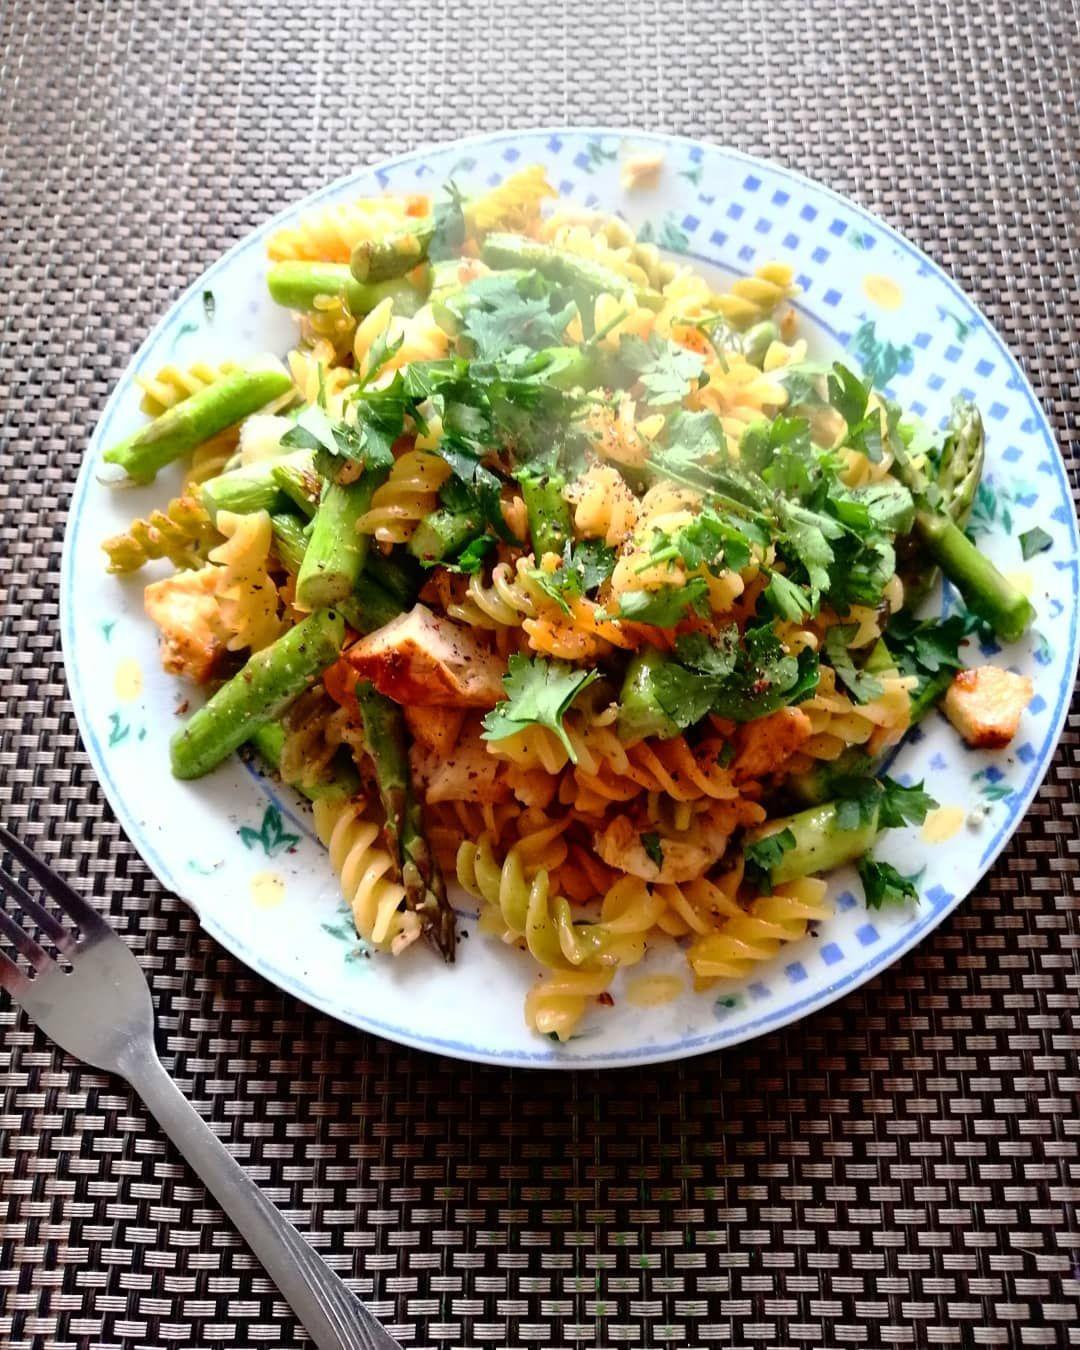 Czy ja już mówiłam, że uwielbiam szparagi? 😋😋🤤🙈...Czy ja już mówiłam, że uwielbiam szparagi? 😋😋🤤🙈  Szybki obiad w 5 minut 👌🏻😁  Wczorajszy makaron i kurczak, szparagi 😍 i gorgonzola 😋👌🏻Mniammm!  #szybkiobiad #obiad #szparagi #szparagowelove #smacznieizdrowo #zdrowewybory #zdrowadieta #pysznosci #pyszne #łatweprzepisy #uwielbiam #omnomnom #zerowaste #wykorzystujemyresztki #goodfood #food #fastdinner #fastlunch #fastandhealthy #imlovinit #delicious #yummy #tasty #easyrecipes